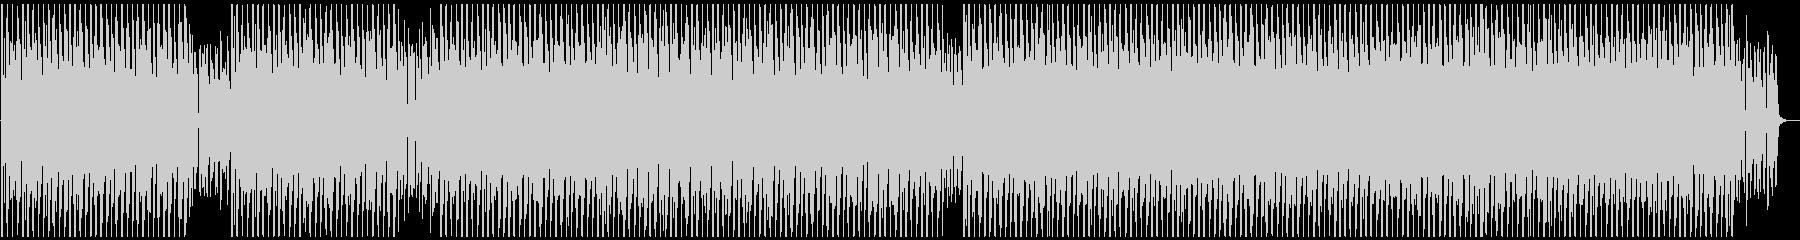 【ファンク】バラエティ/軽快/コミカルの未再生の波形